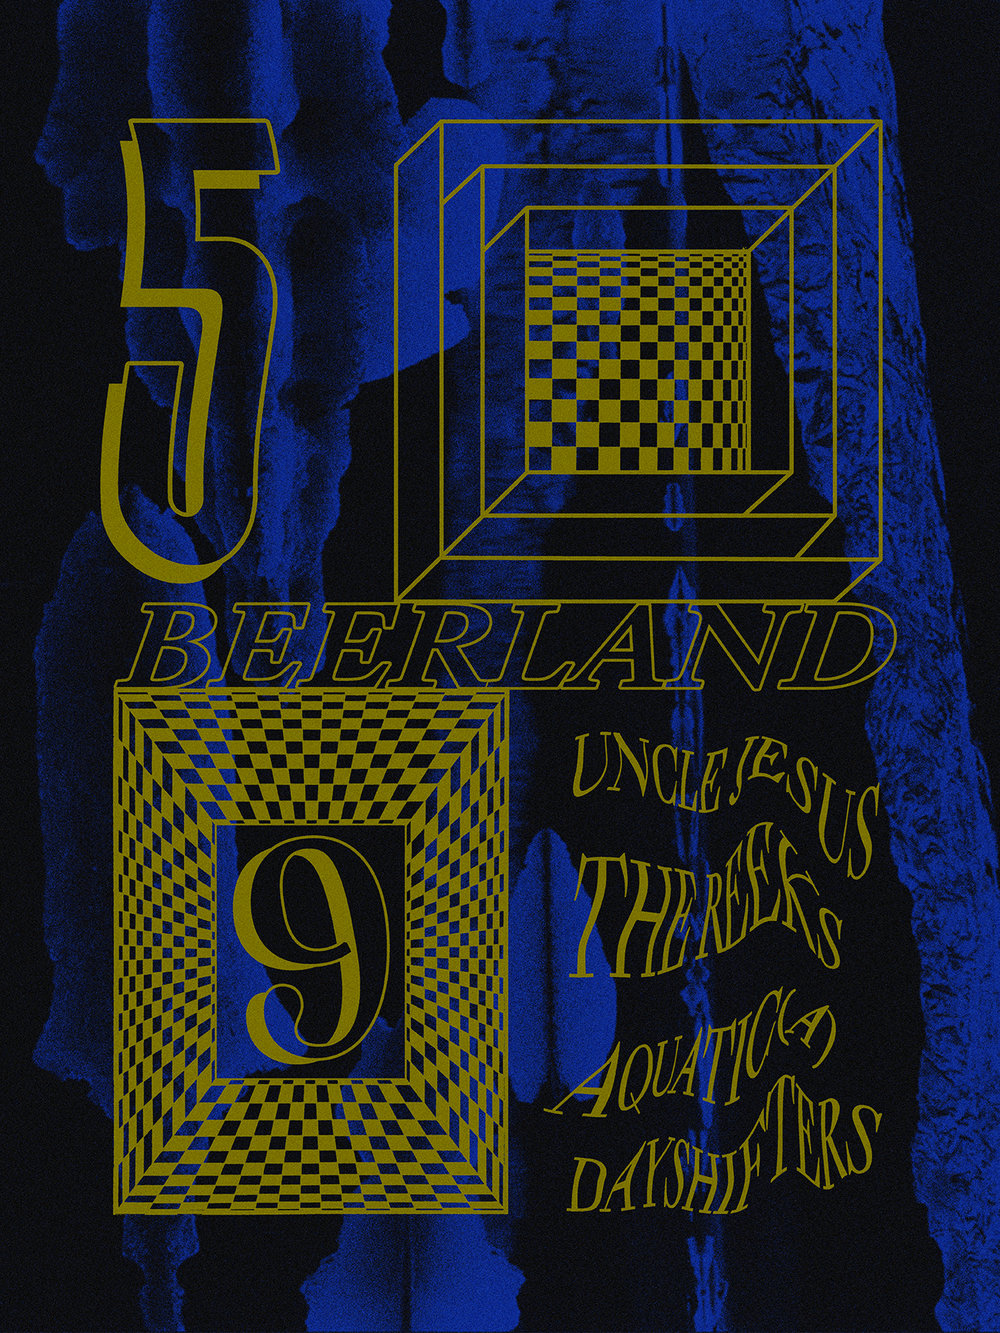 Beerland_050918_Digital.jpg